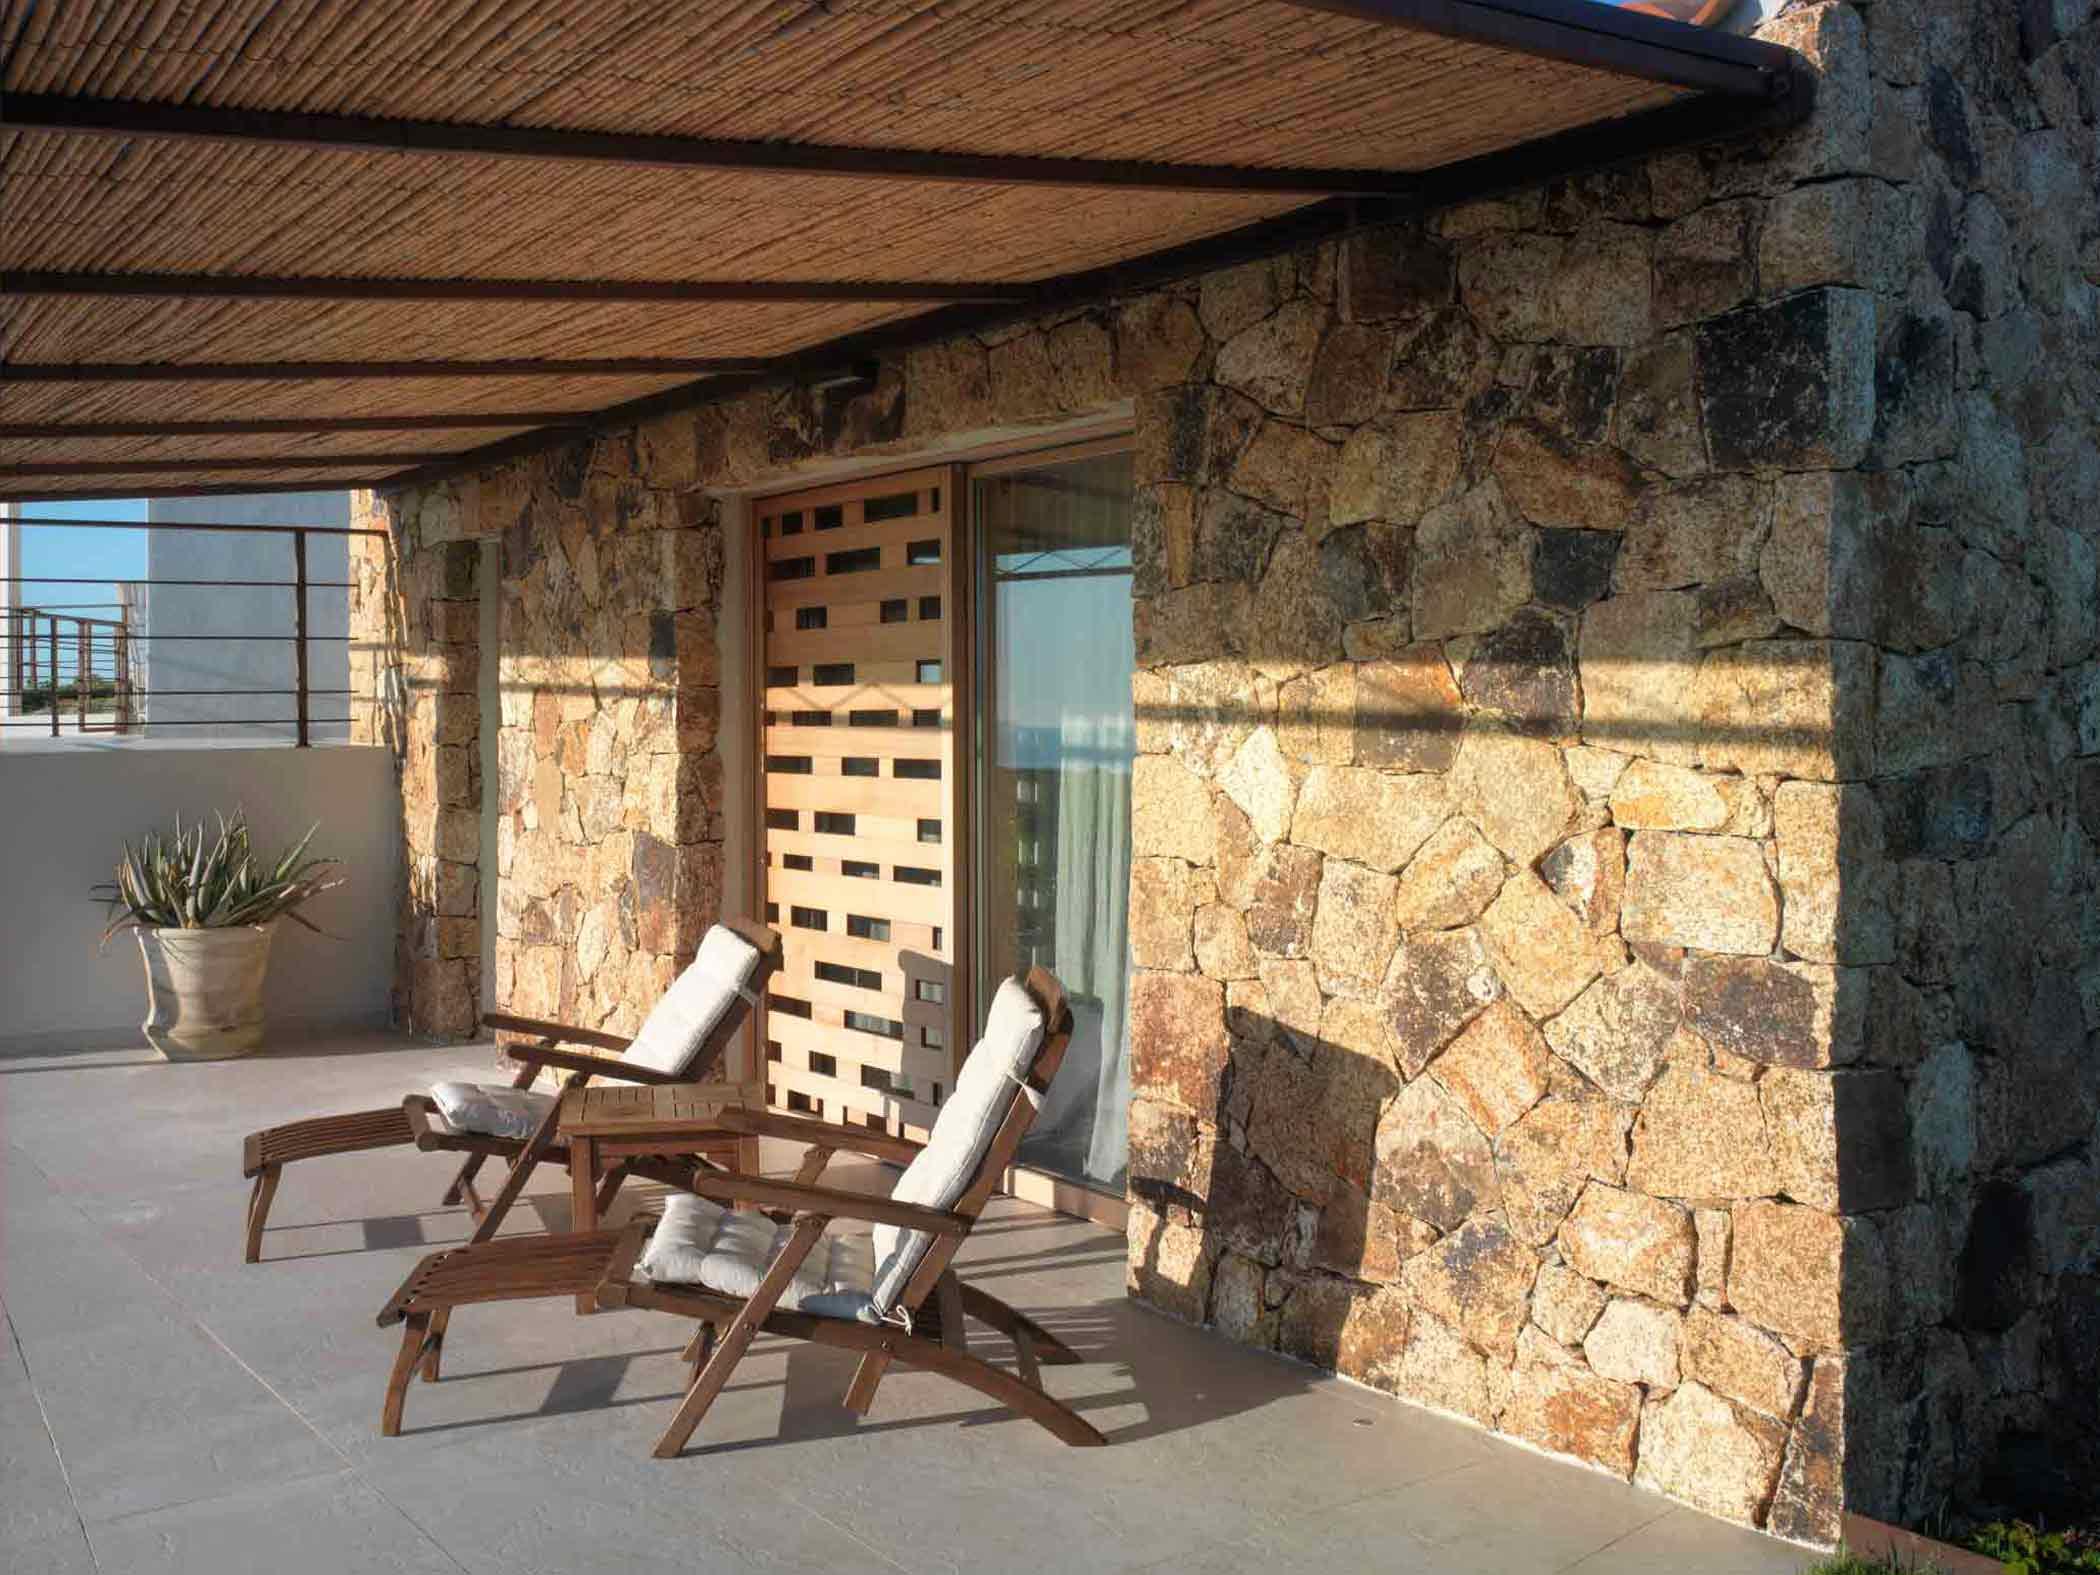 External view of a sliding wooden sunshade